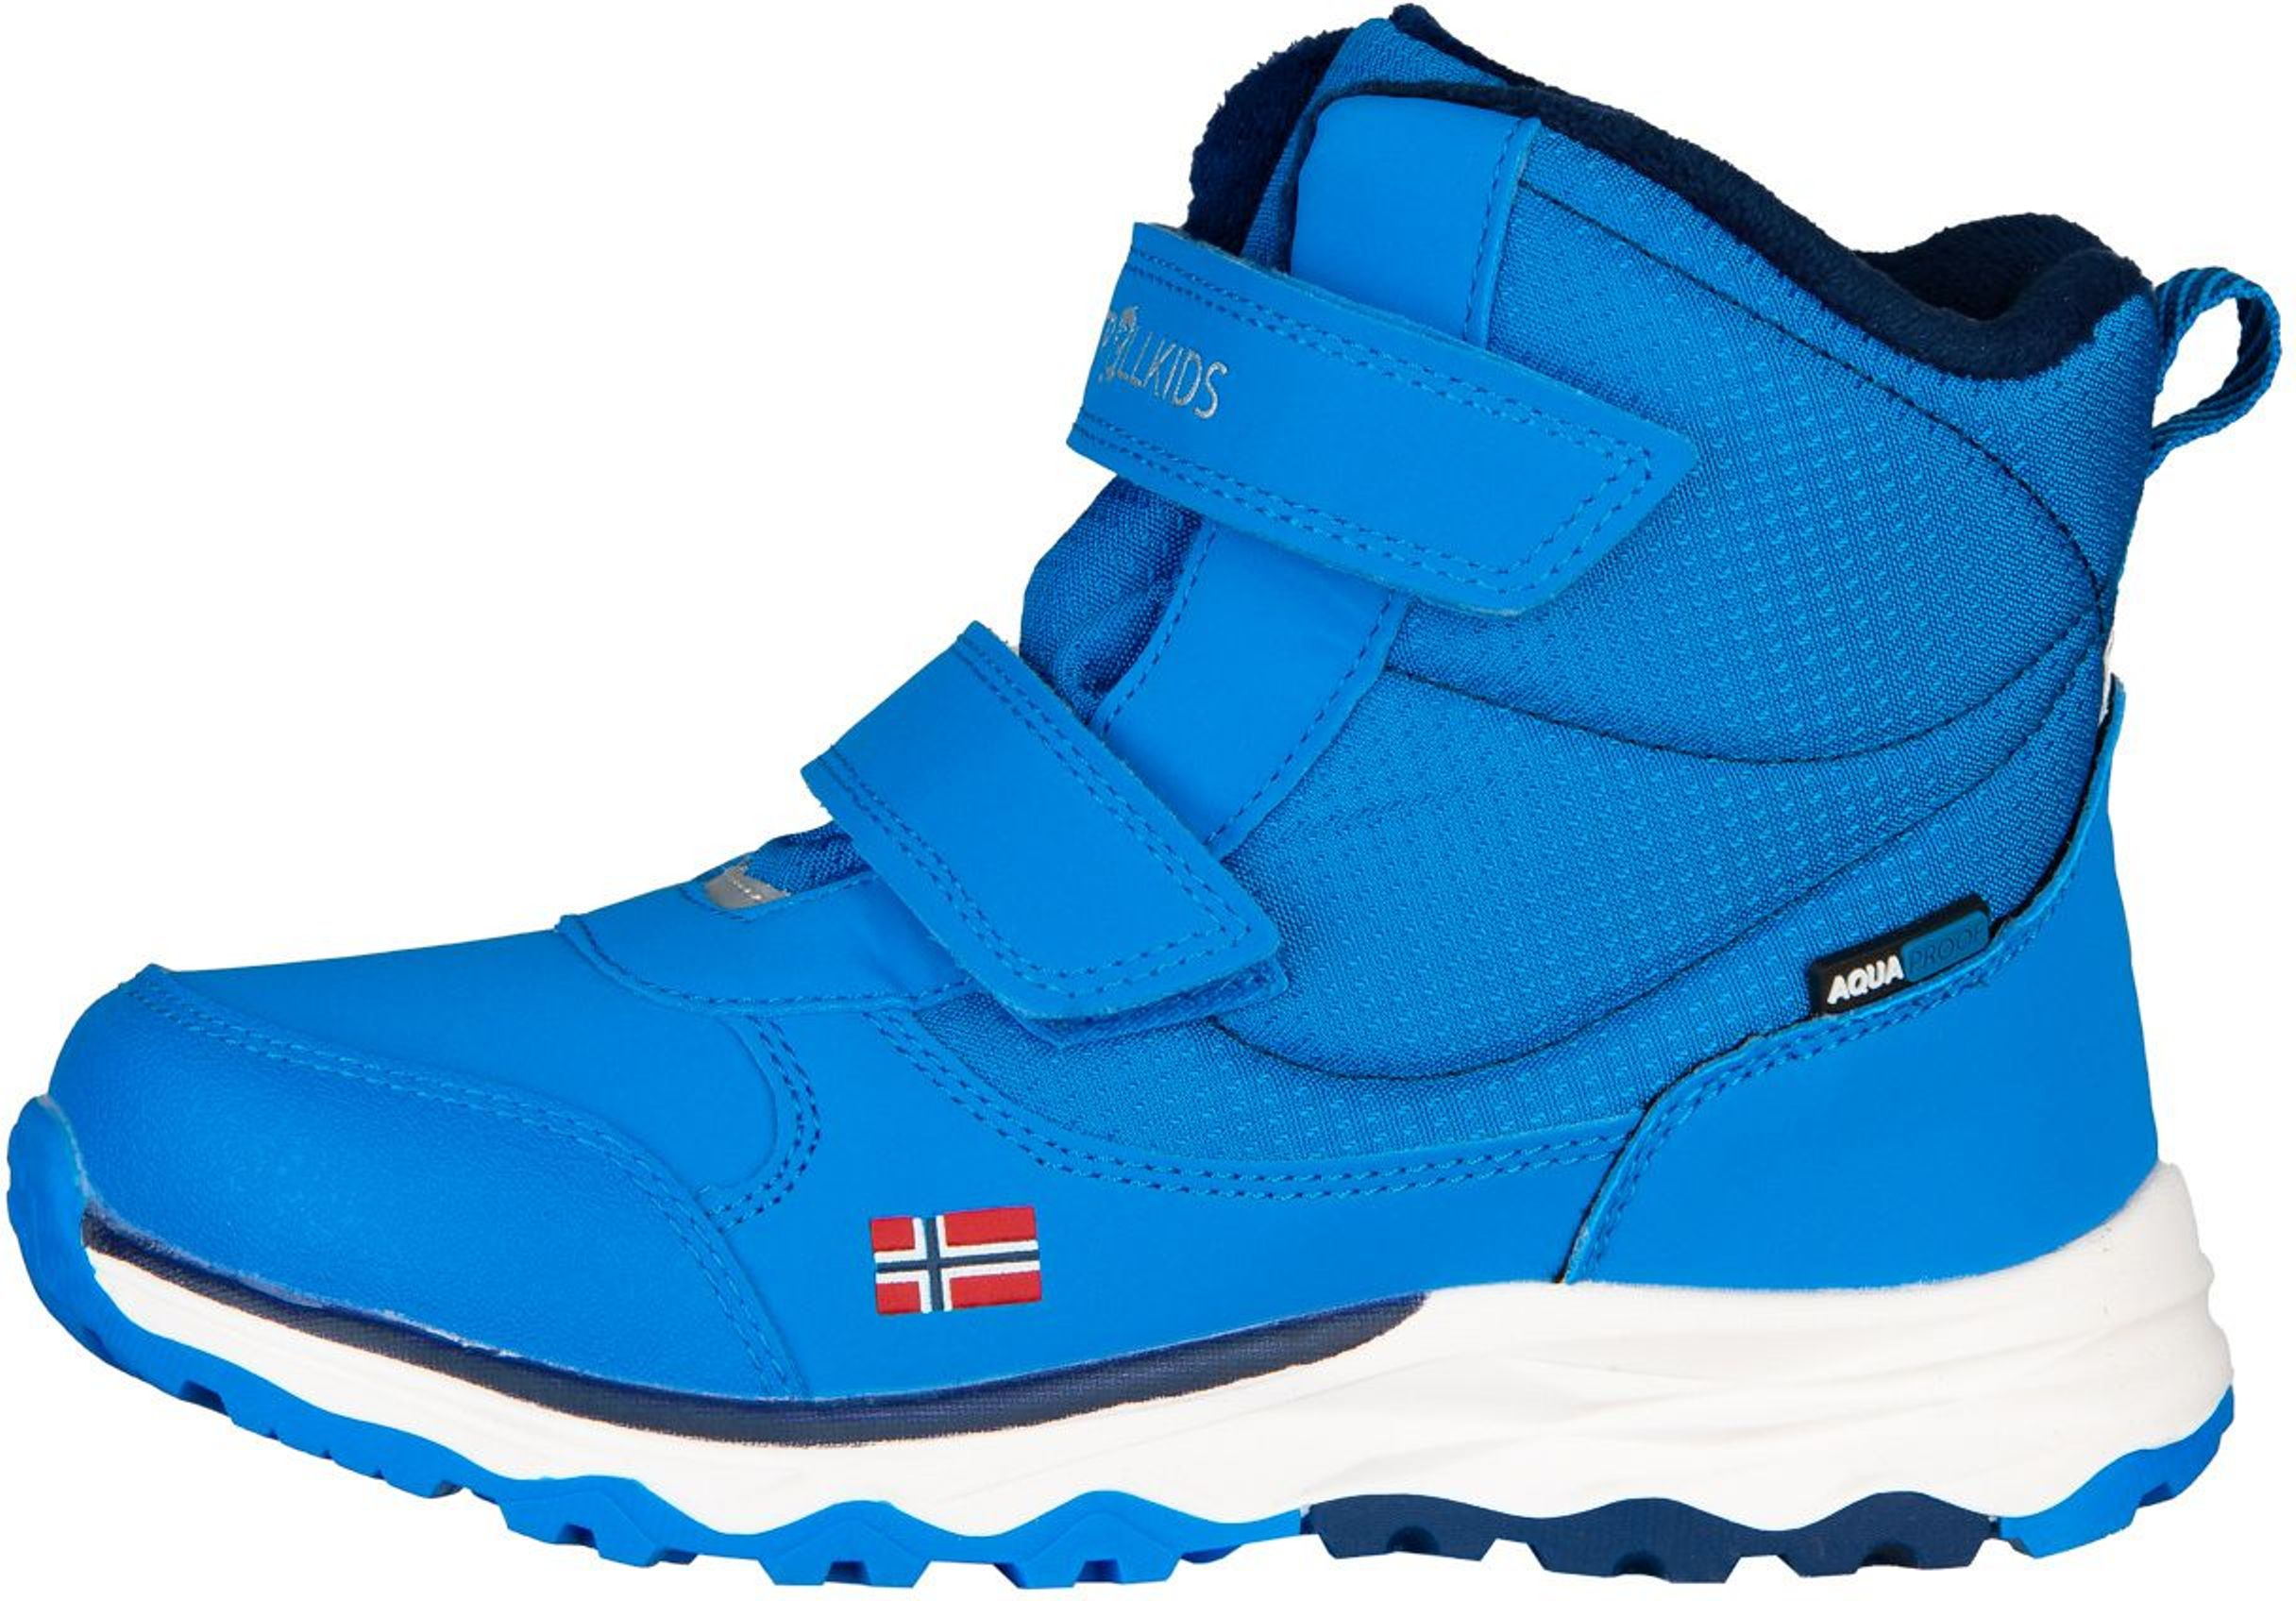 Trollkids Hafjell Winter Boots Azure Blue/Navy